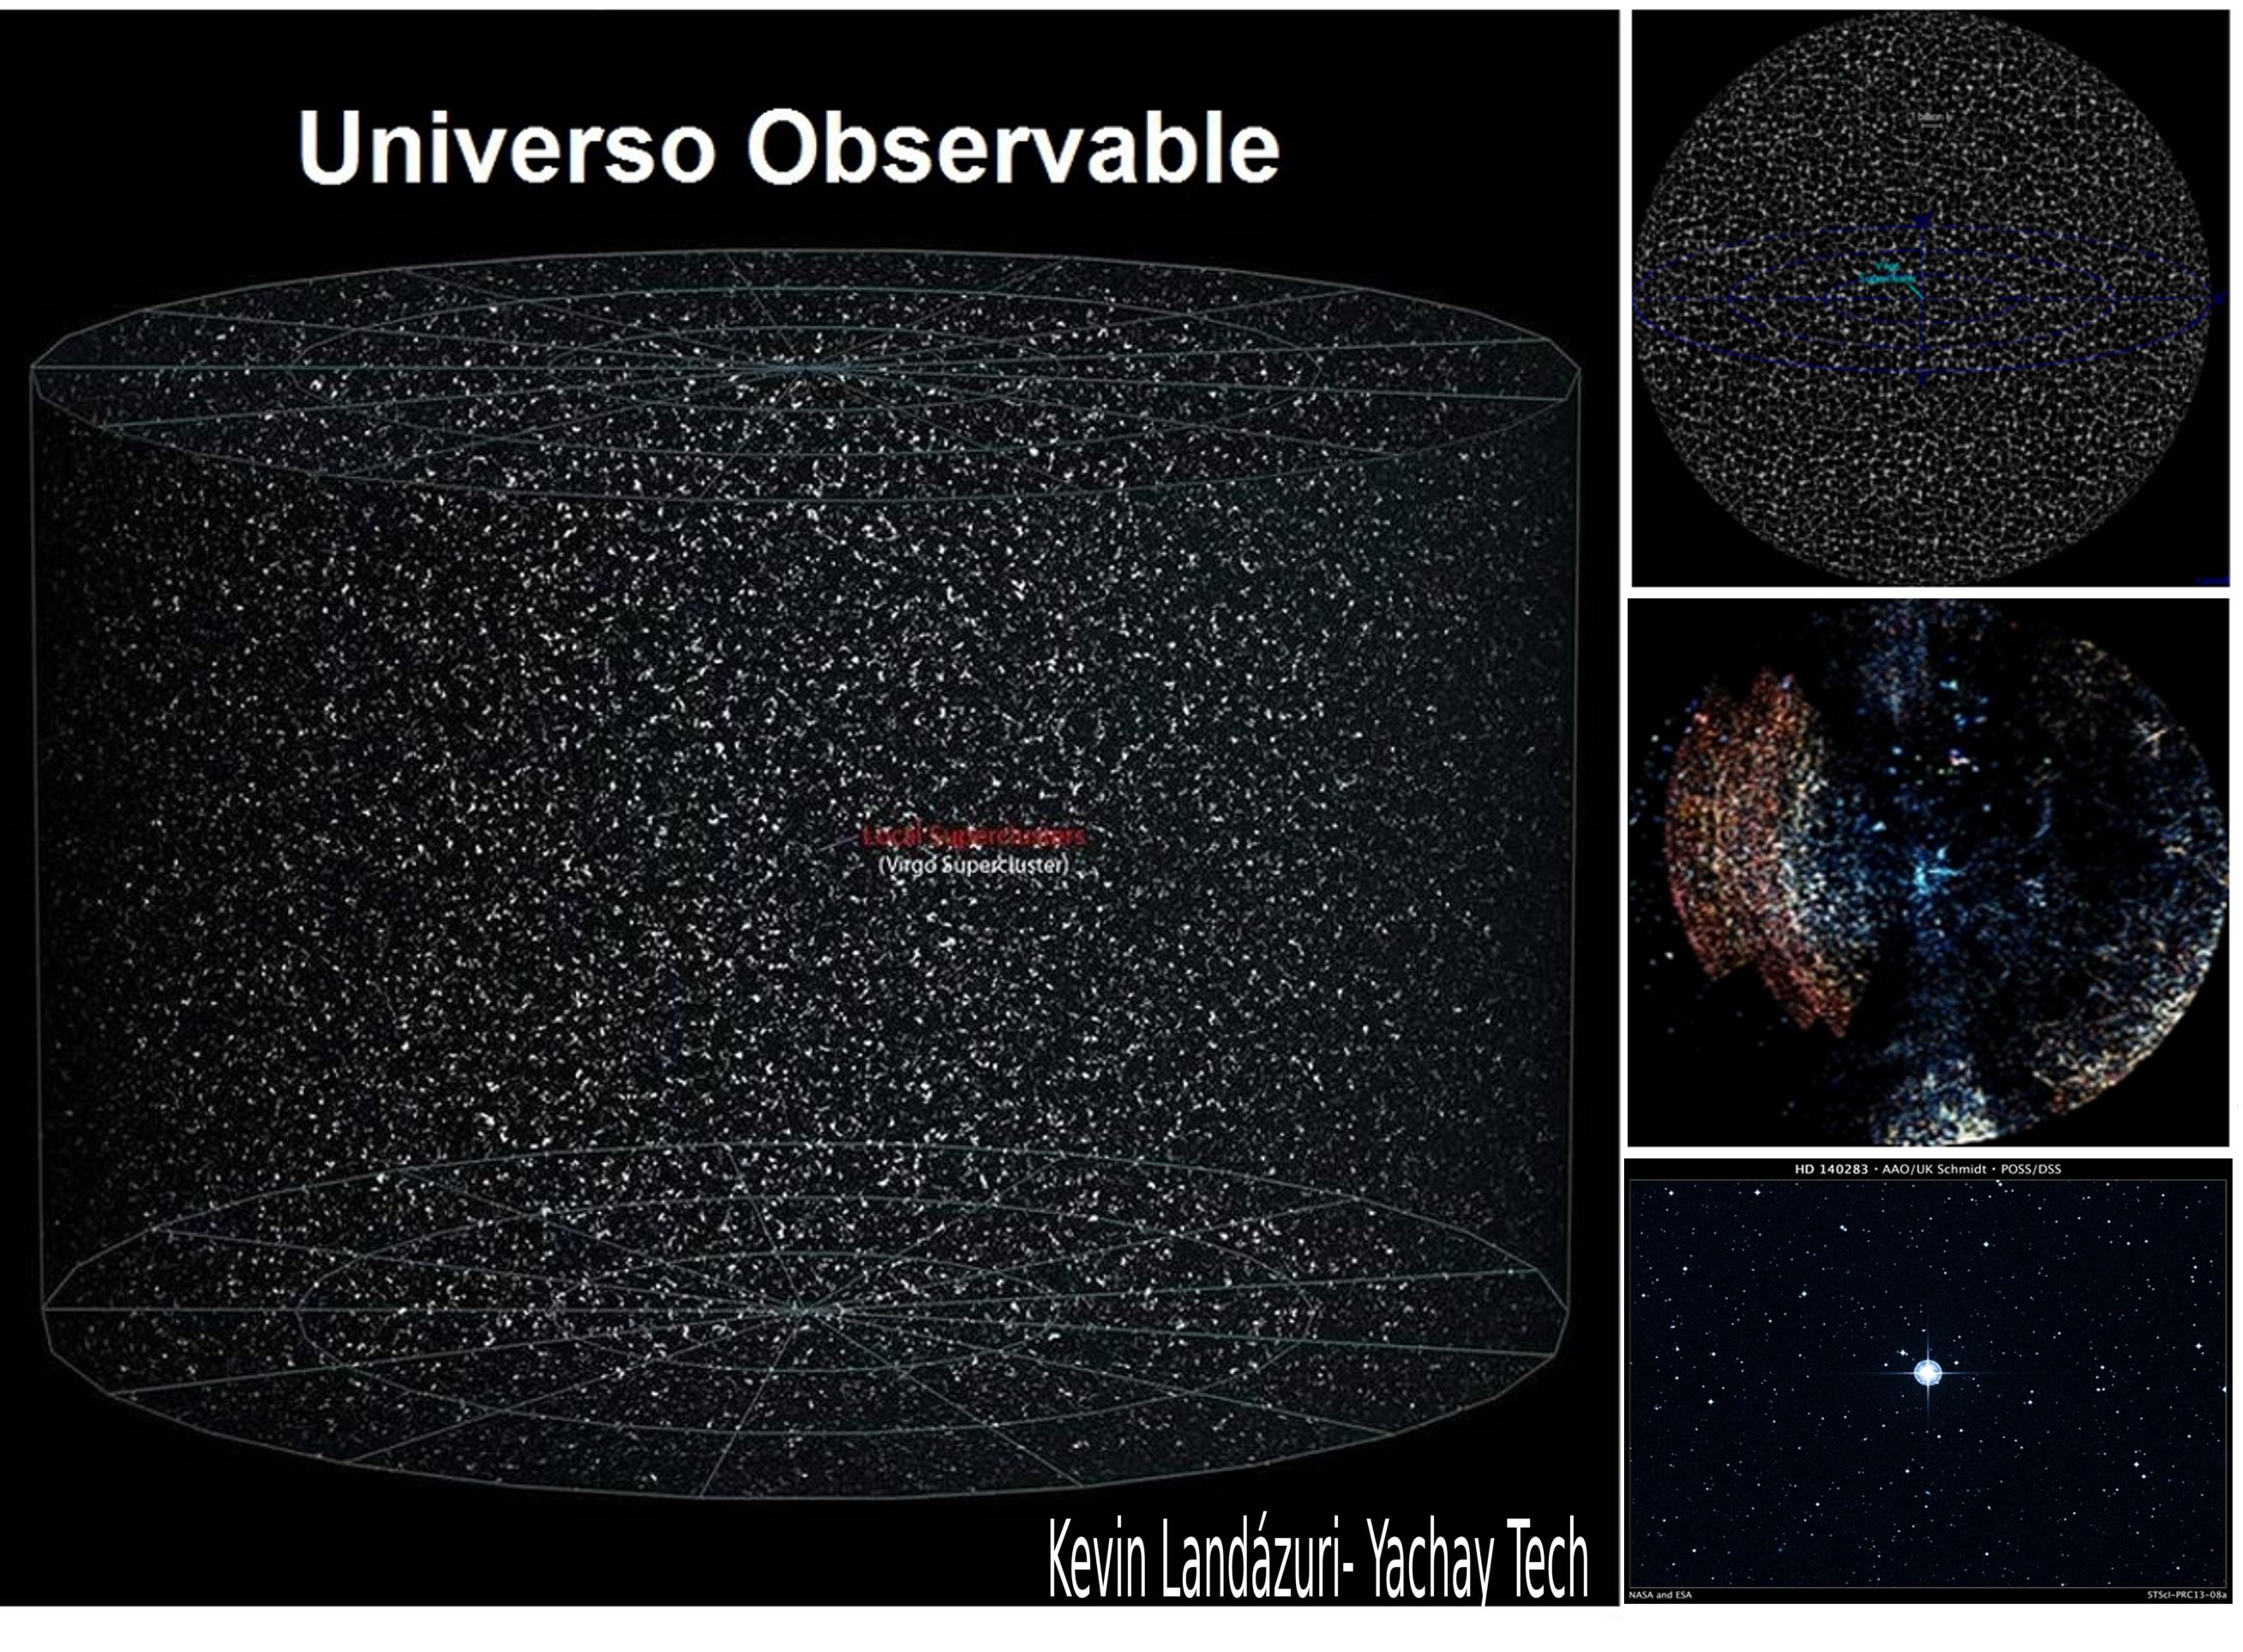 Seres extraterrestres d nde est n el universo for Universo del hogar